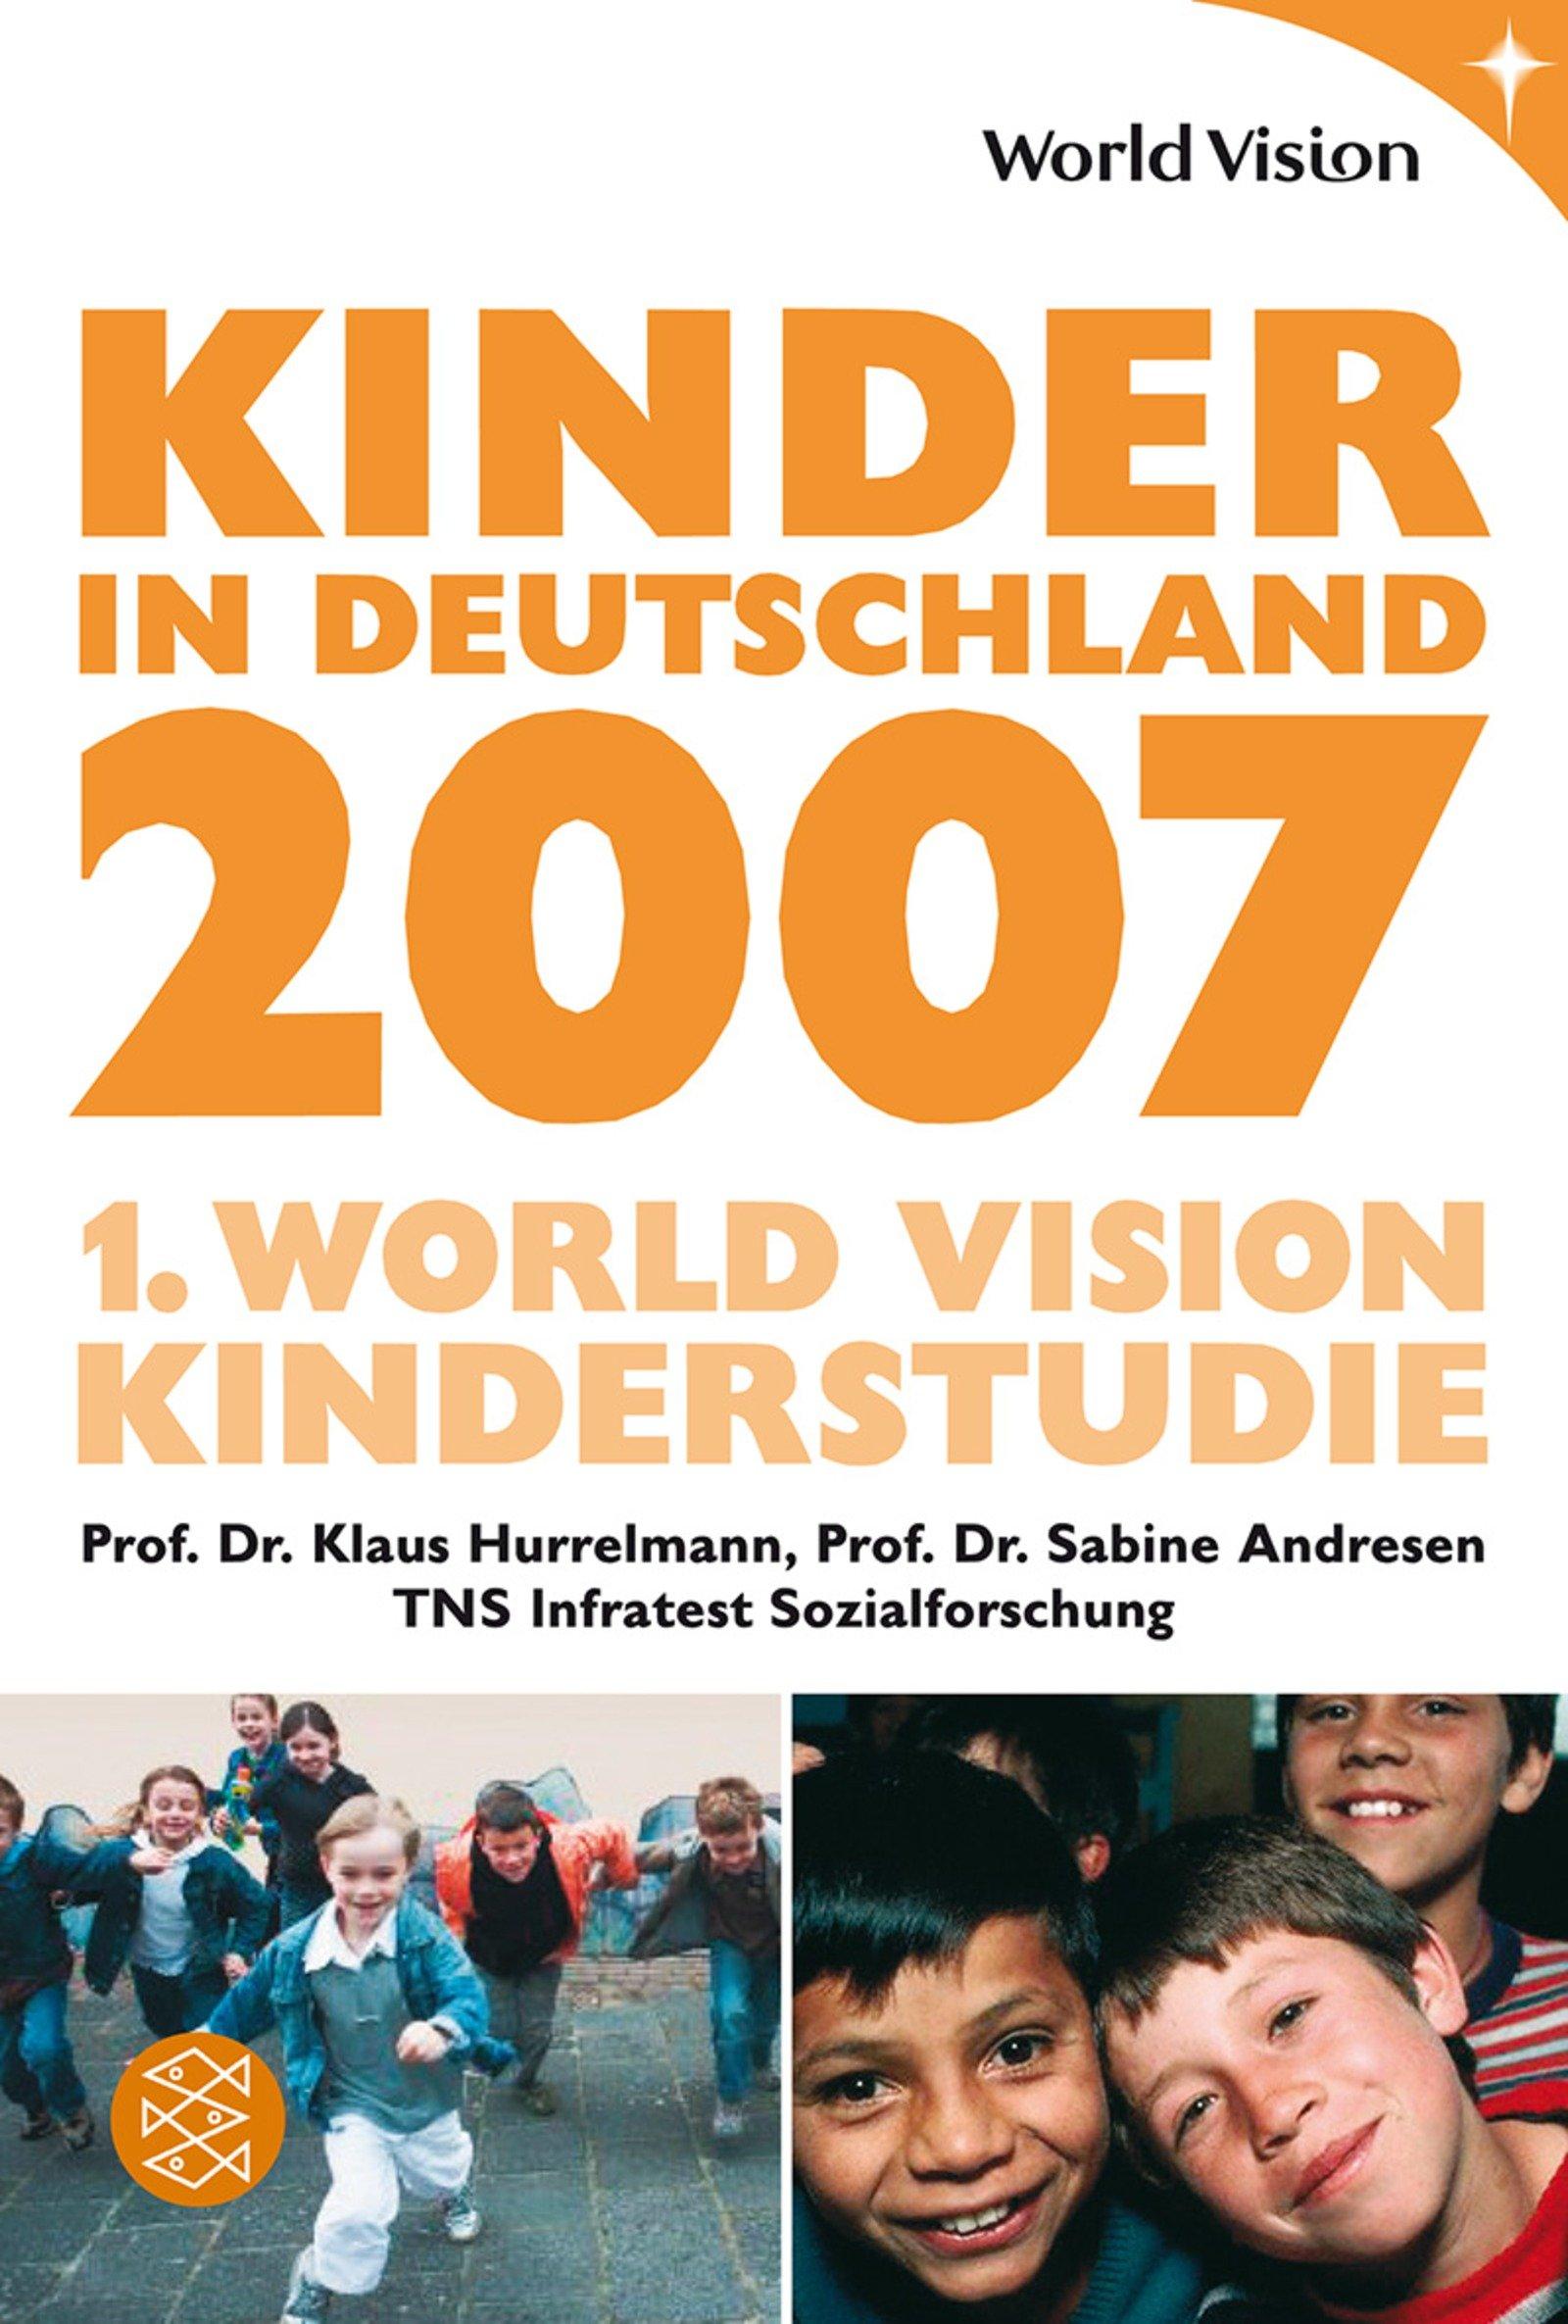 Kinder in Deutschland 2007: 1. World Vision Kinderstudie